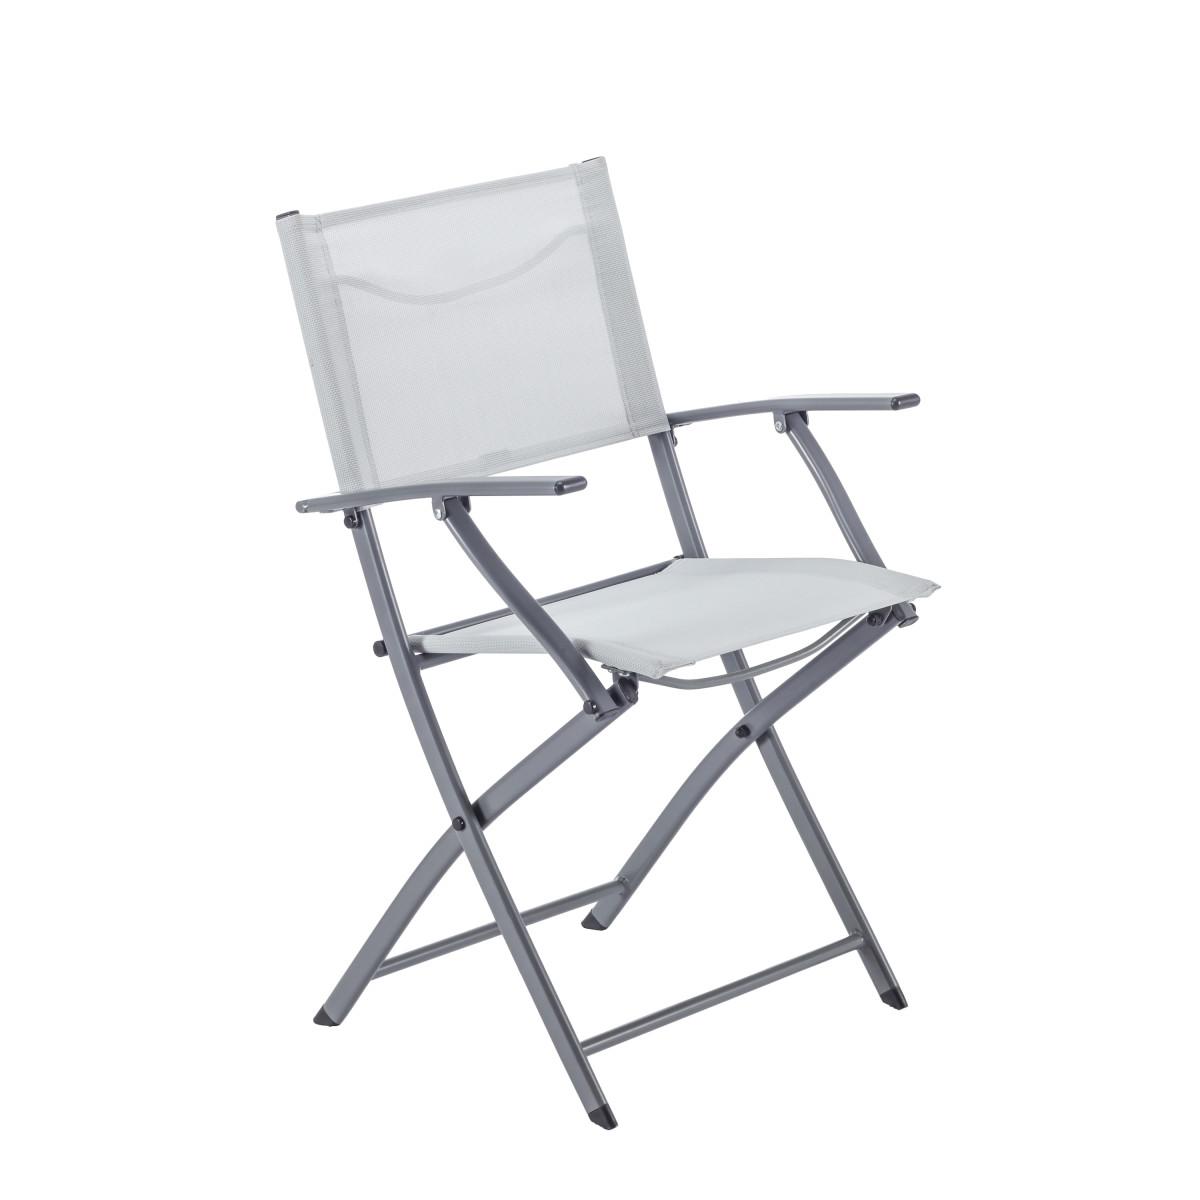 Кресло Naterial Emys Origami Складное 54Х52Х83 Сталь Светло-Серый